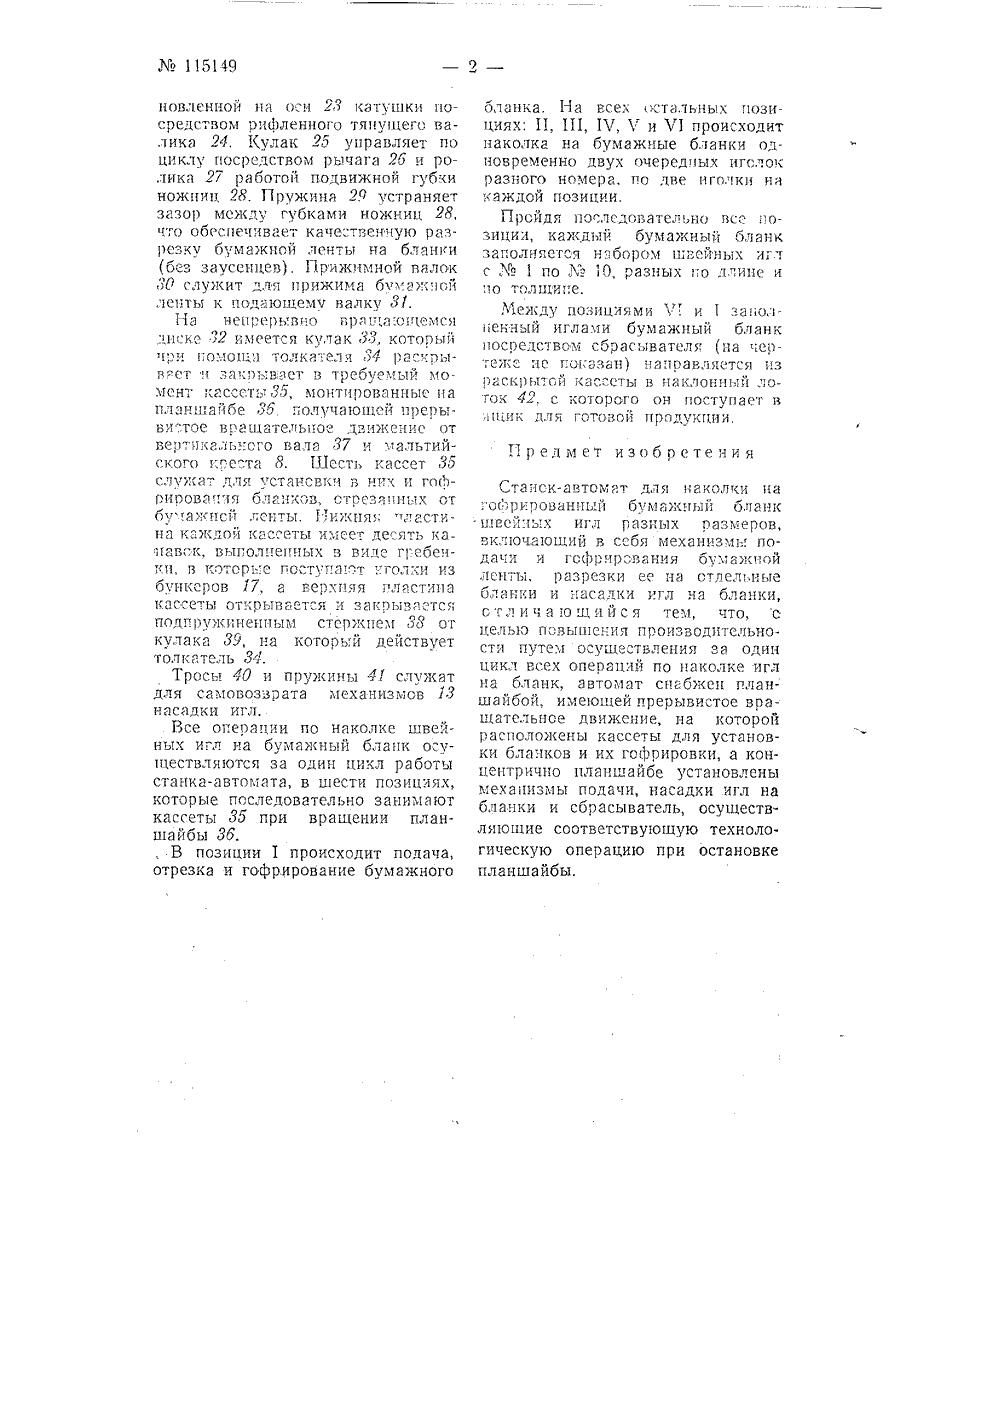 бланк описание изобретения к патенту